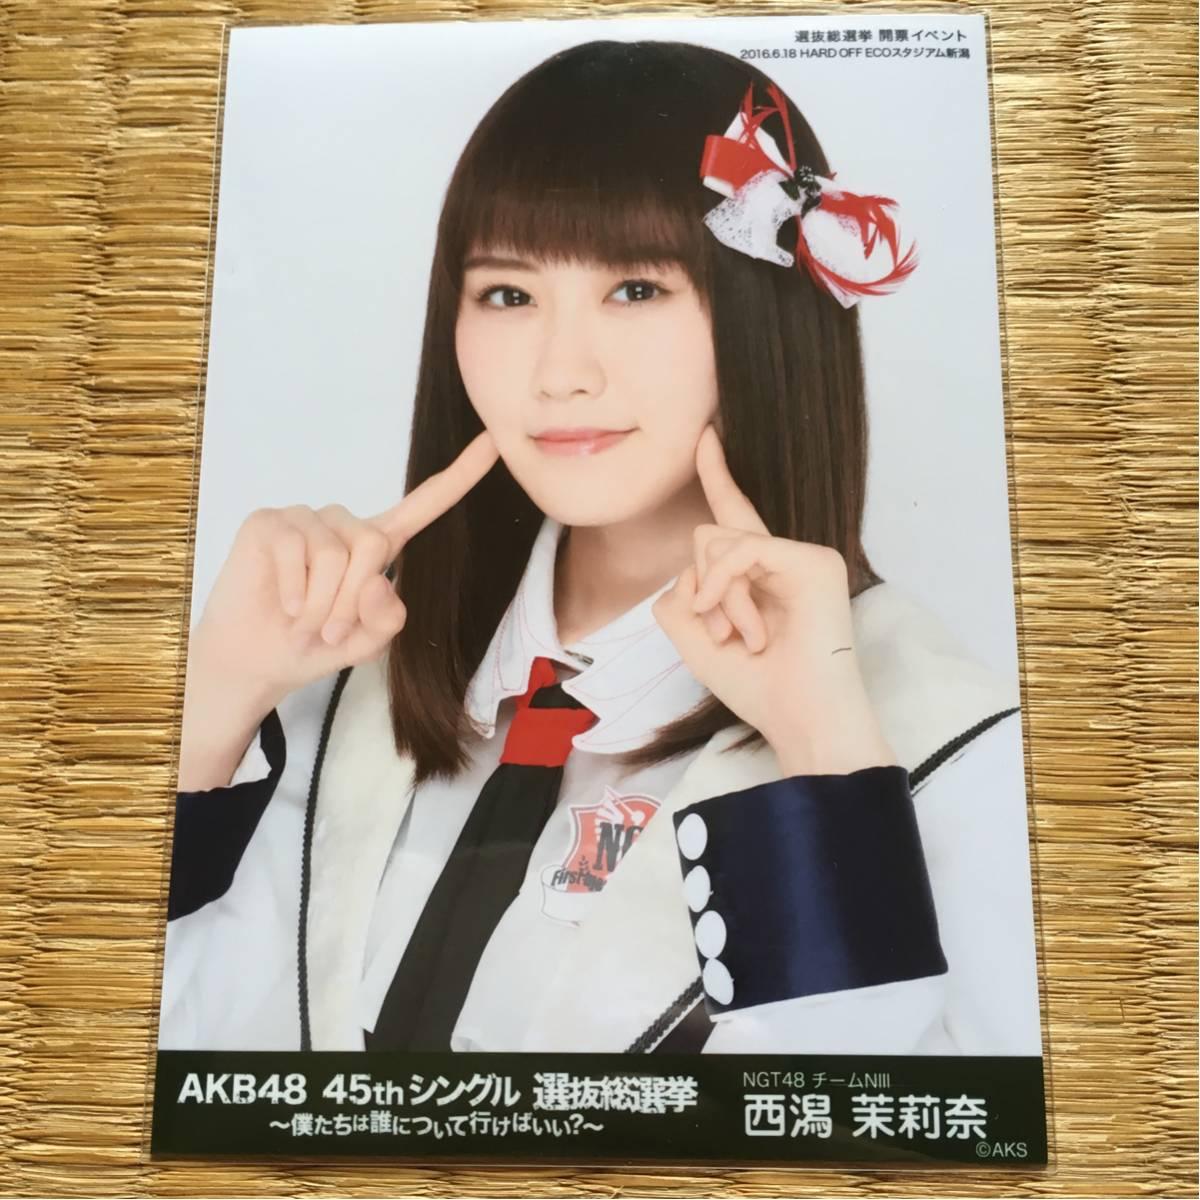 NGT48 西潟茉莉奈 生写真 AKB48 45thシングル選抜総選挙 開票イベント(グリーン帯) ライブ・総選挙グッズの画像